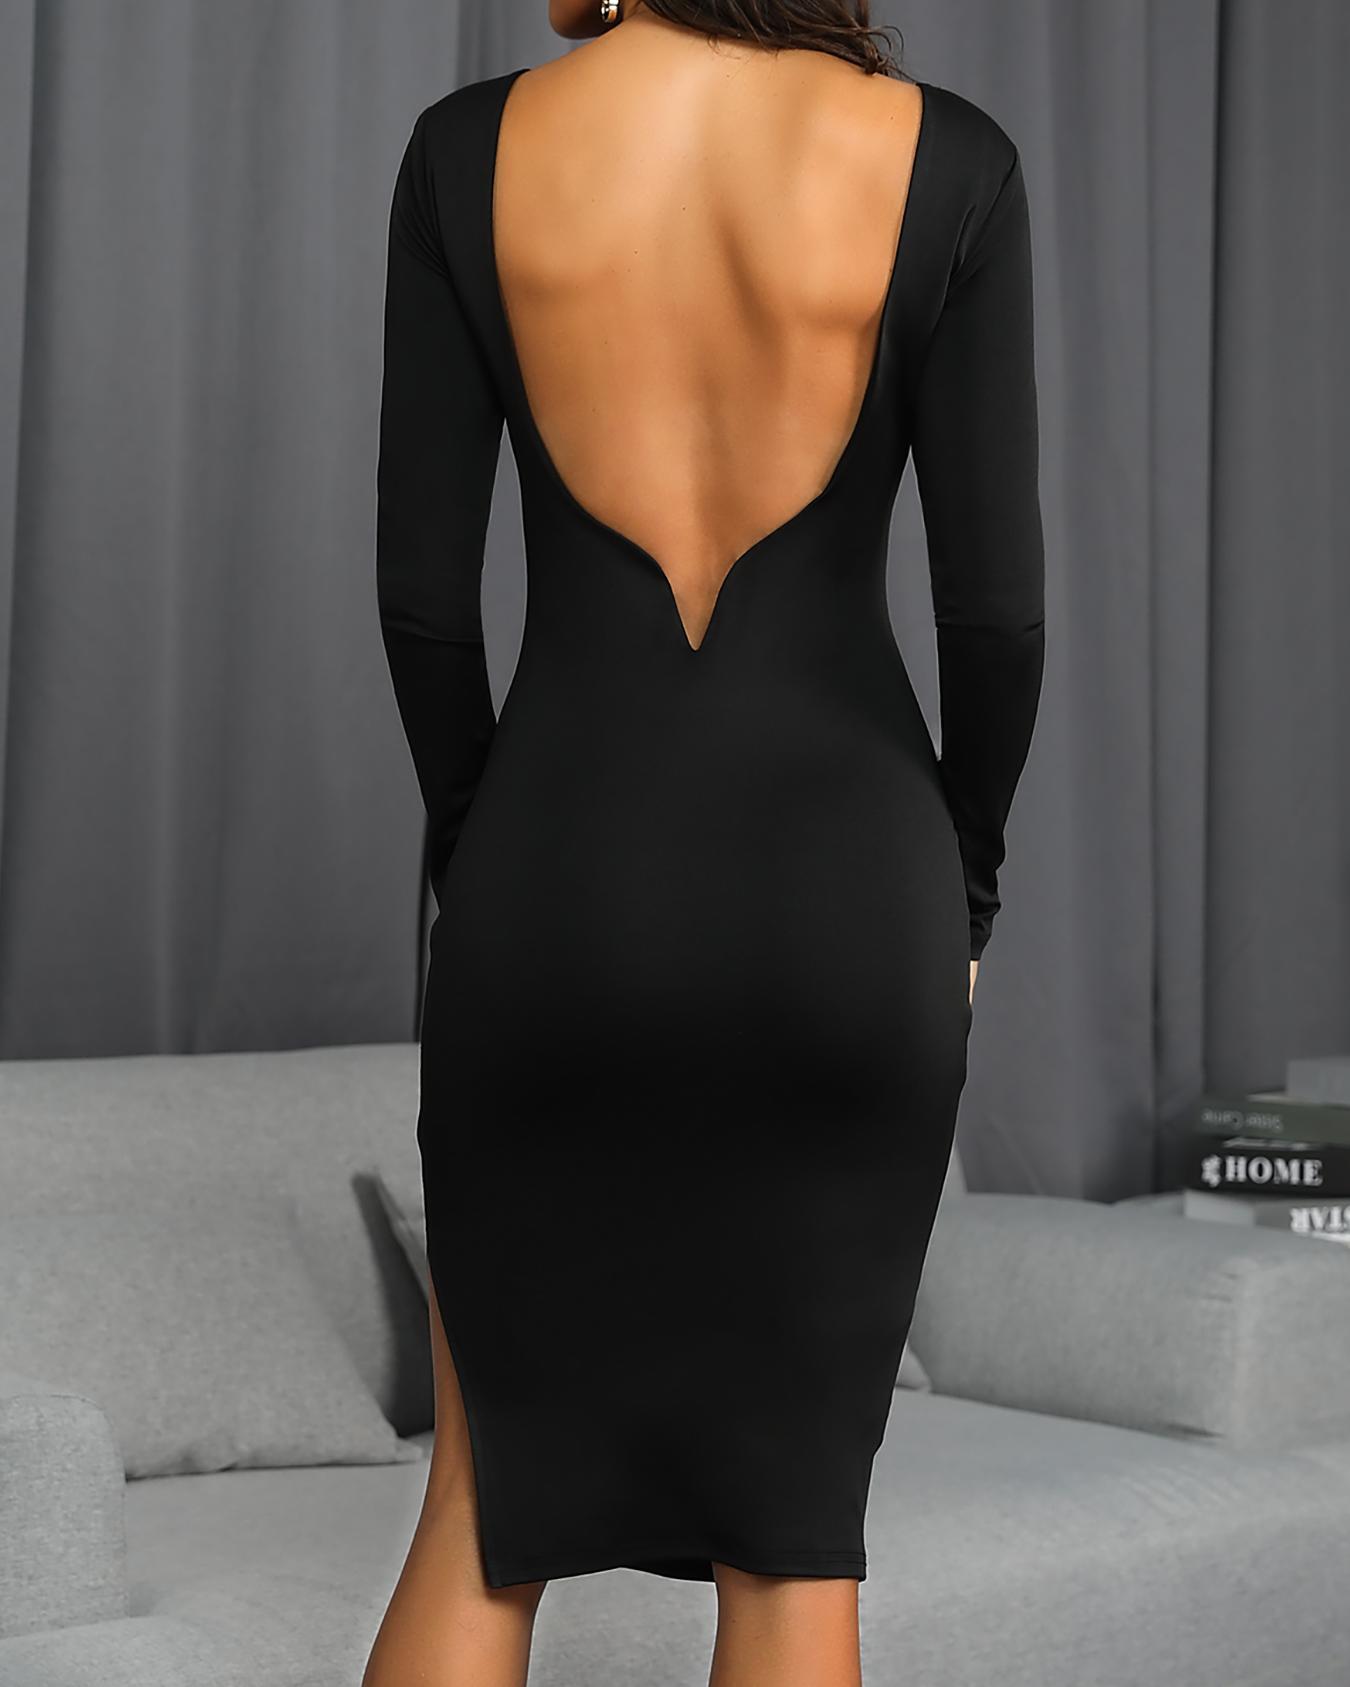 boutiquefeel / Vestido de fiesta con abertura lateral en la espalda abierta